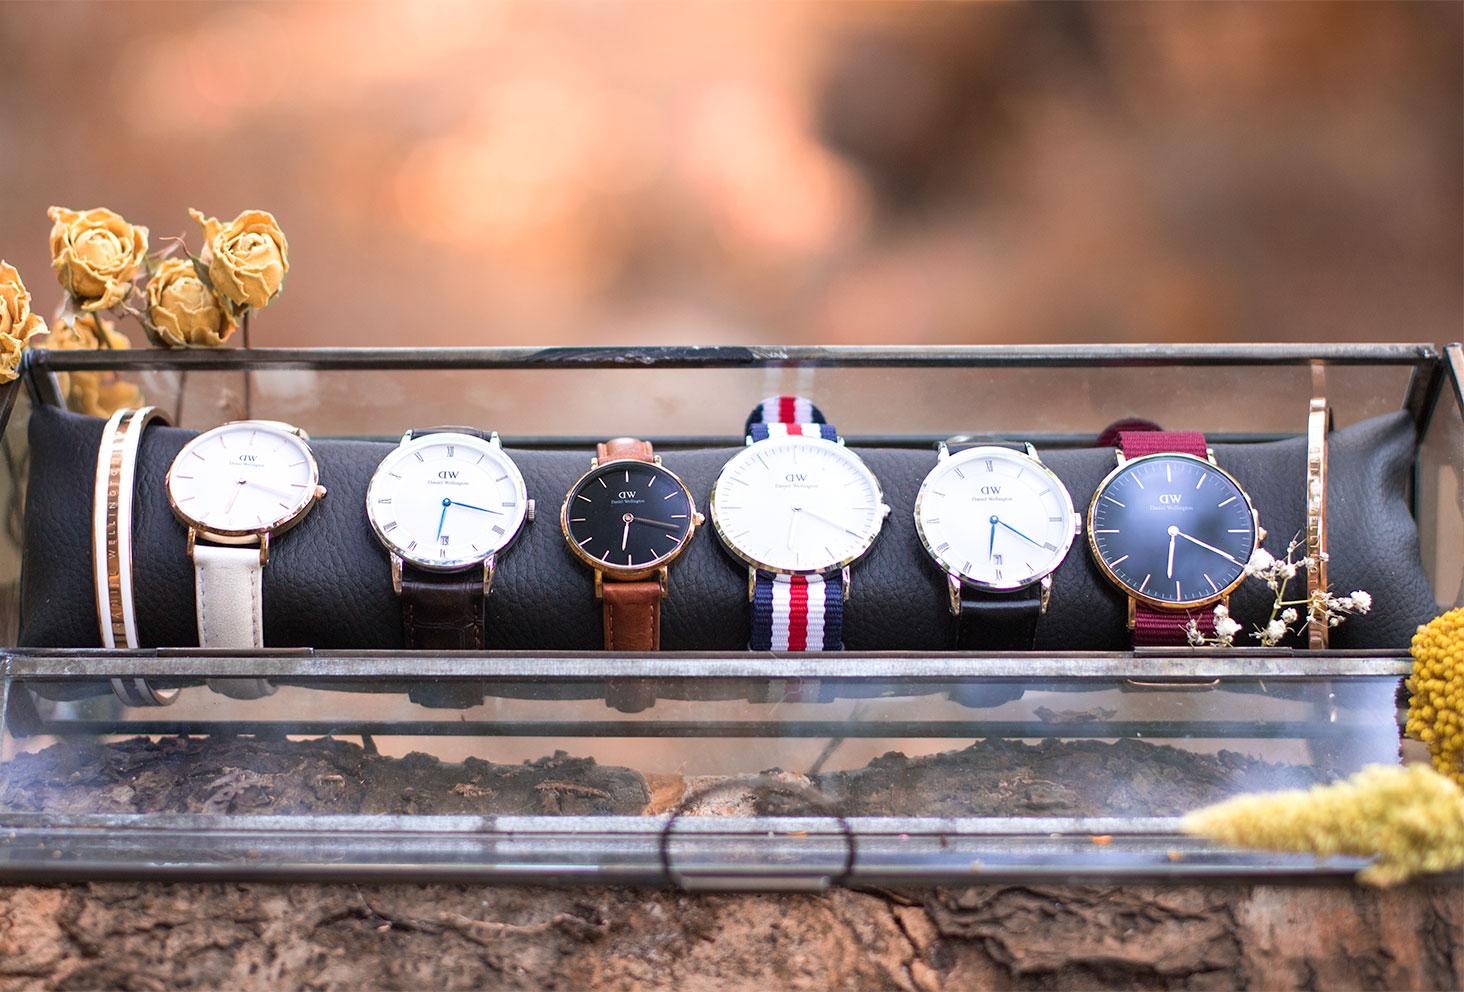 Zoom sur l'ensemble des montres Daniel Wellington autour d'un coussin dans un rangement en verre au milieu de la forêt et des fleurs séchées